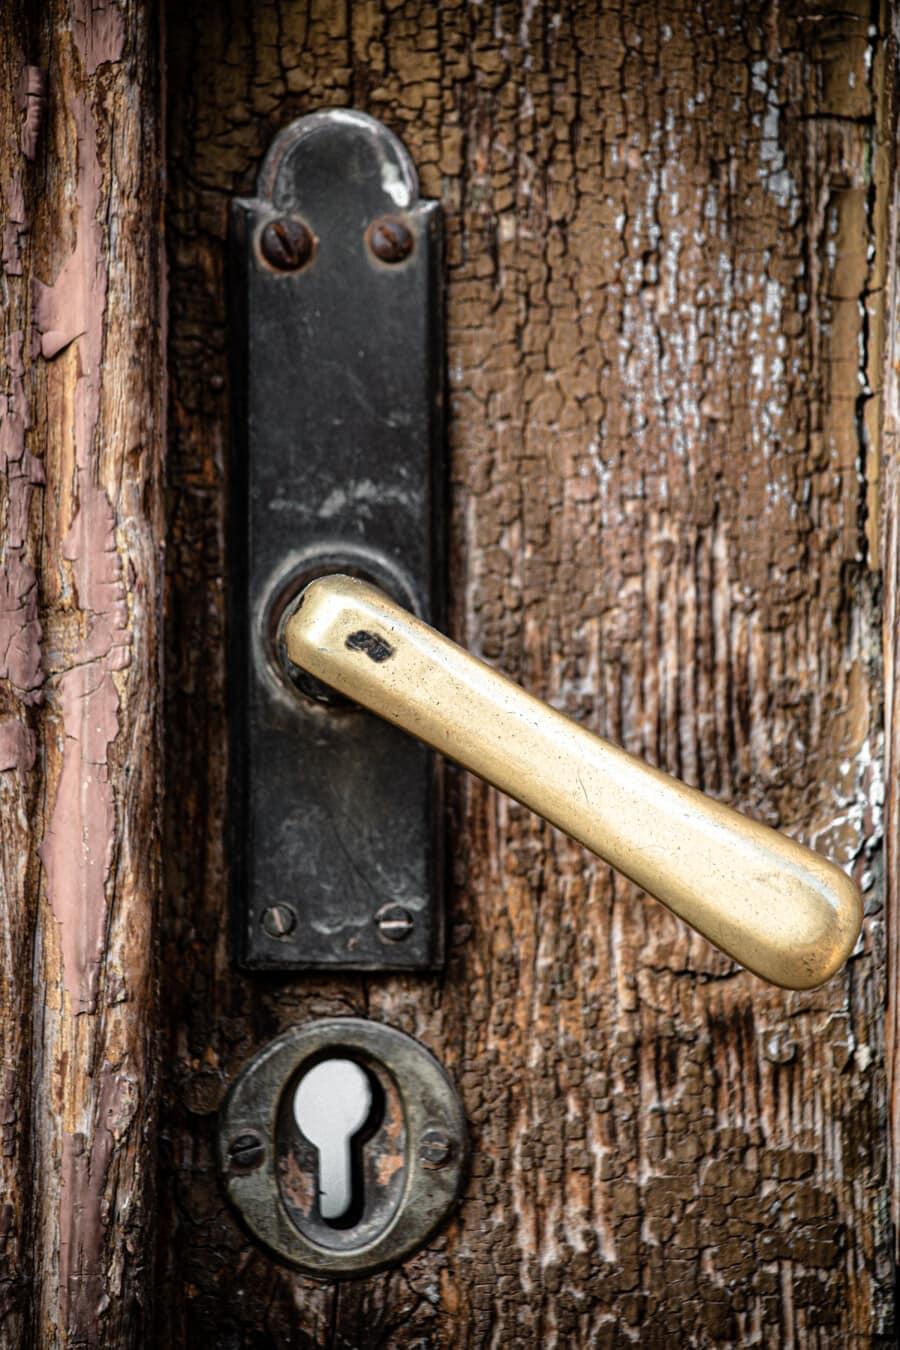 vor der Tür, Tür, Verfall, Grunge, alt, Holz, aus Holz, Handle, catch, Riegel